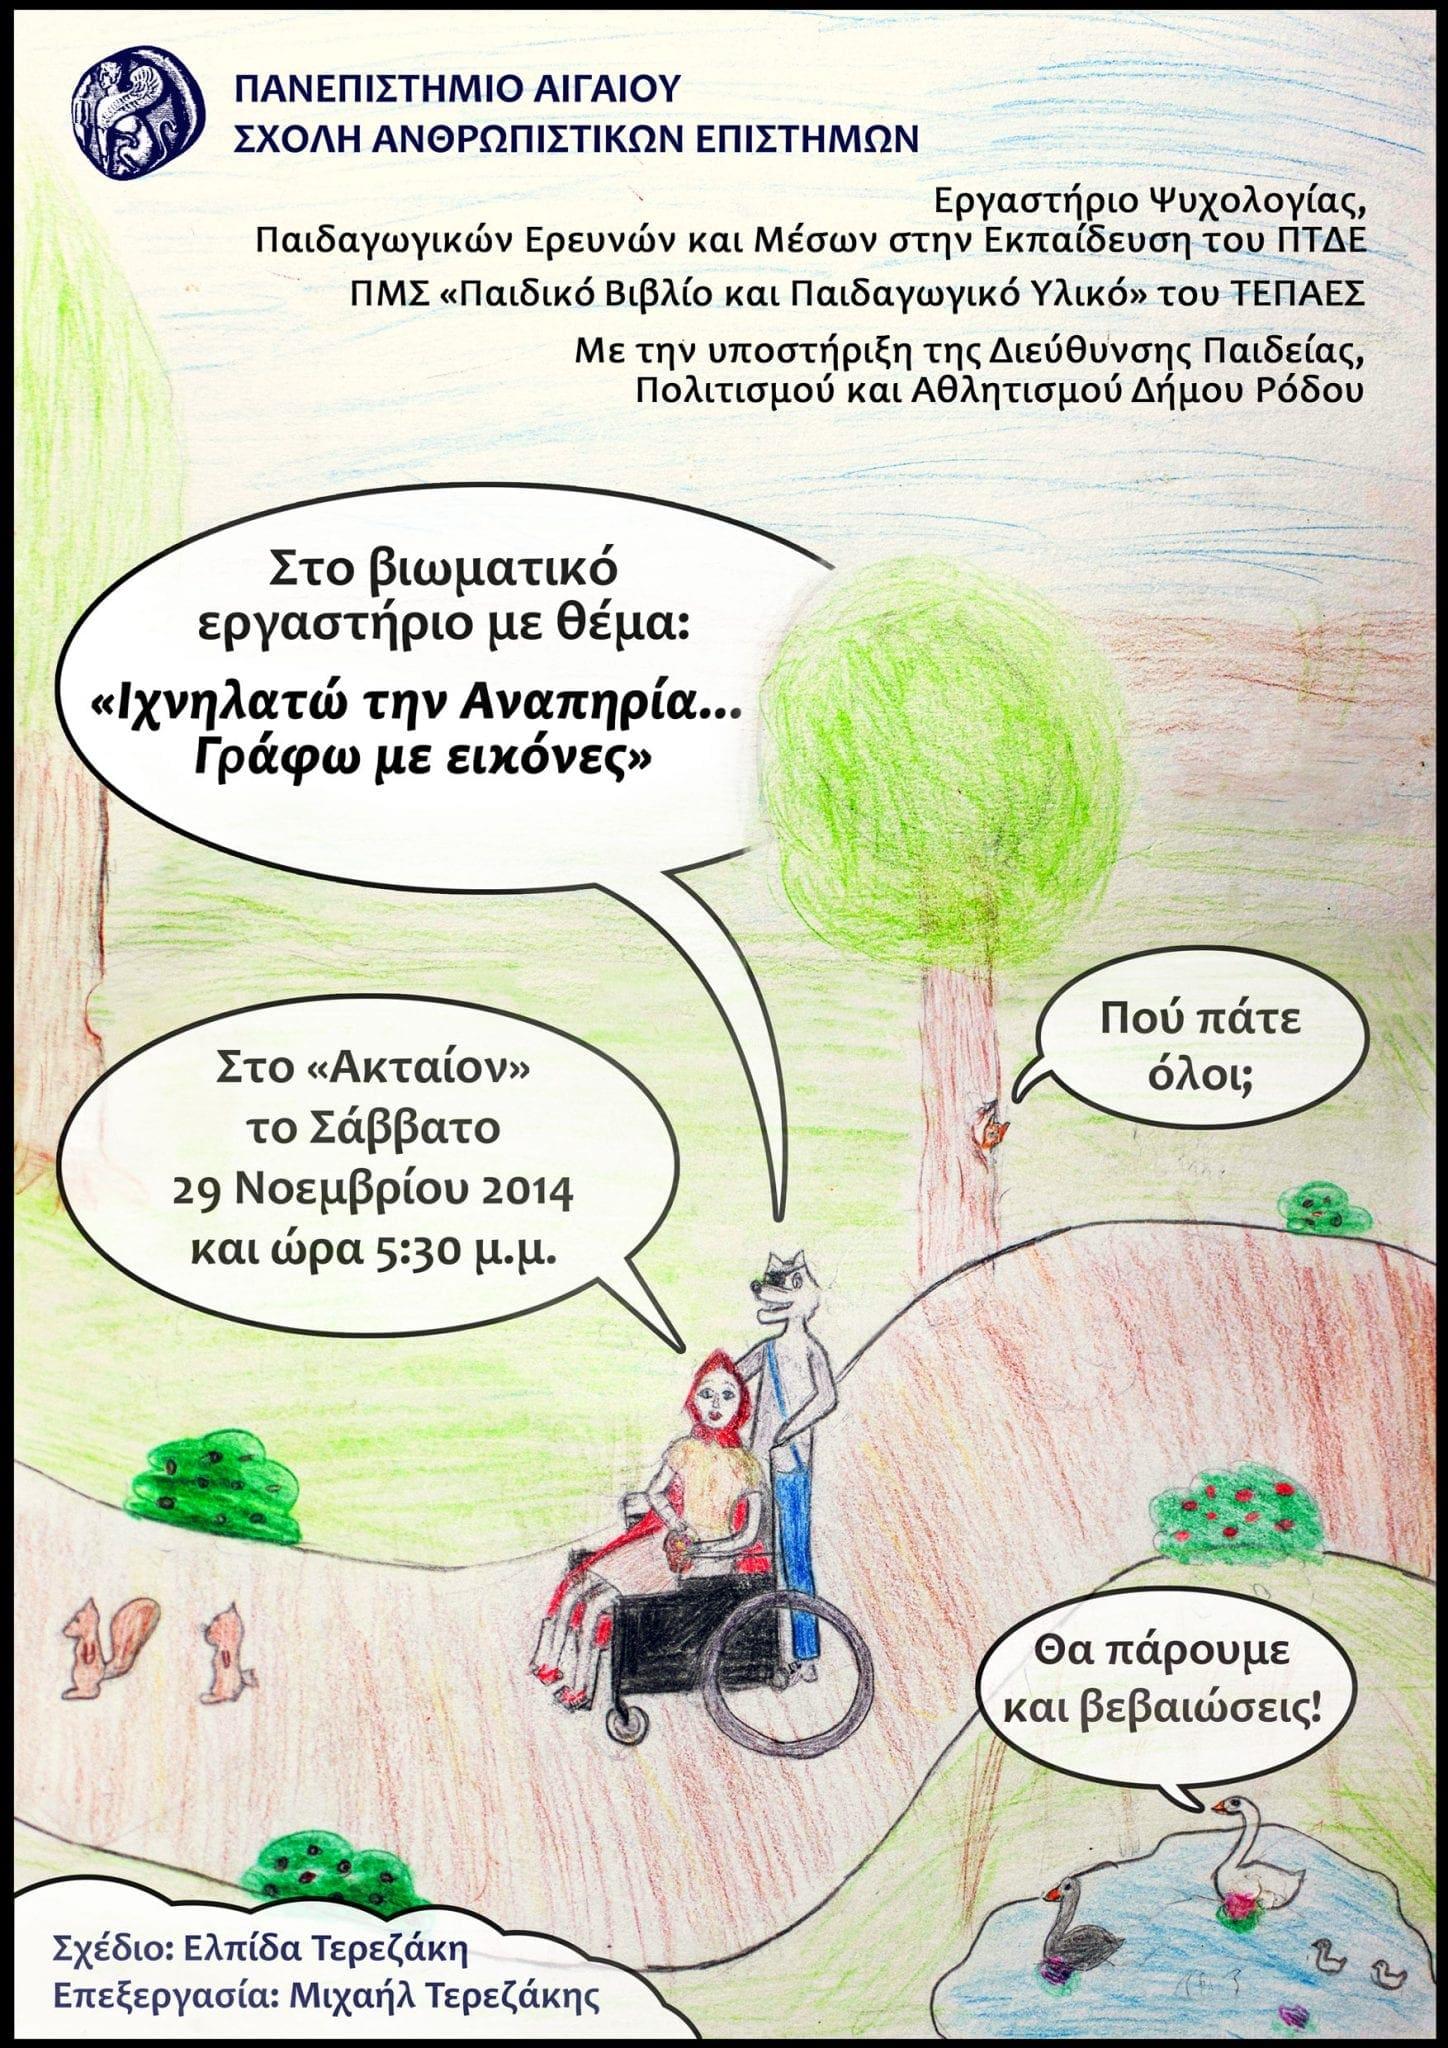 ΑΦΙΣΑ ΒΙΩΜΑΤΙΚΟΥ 29-11-14